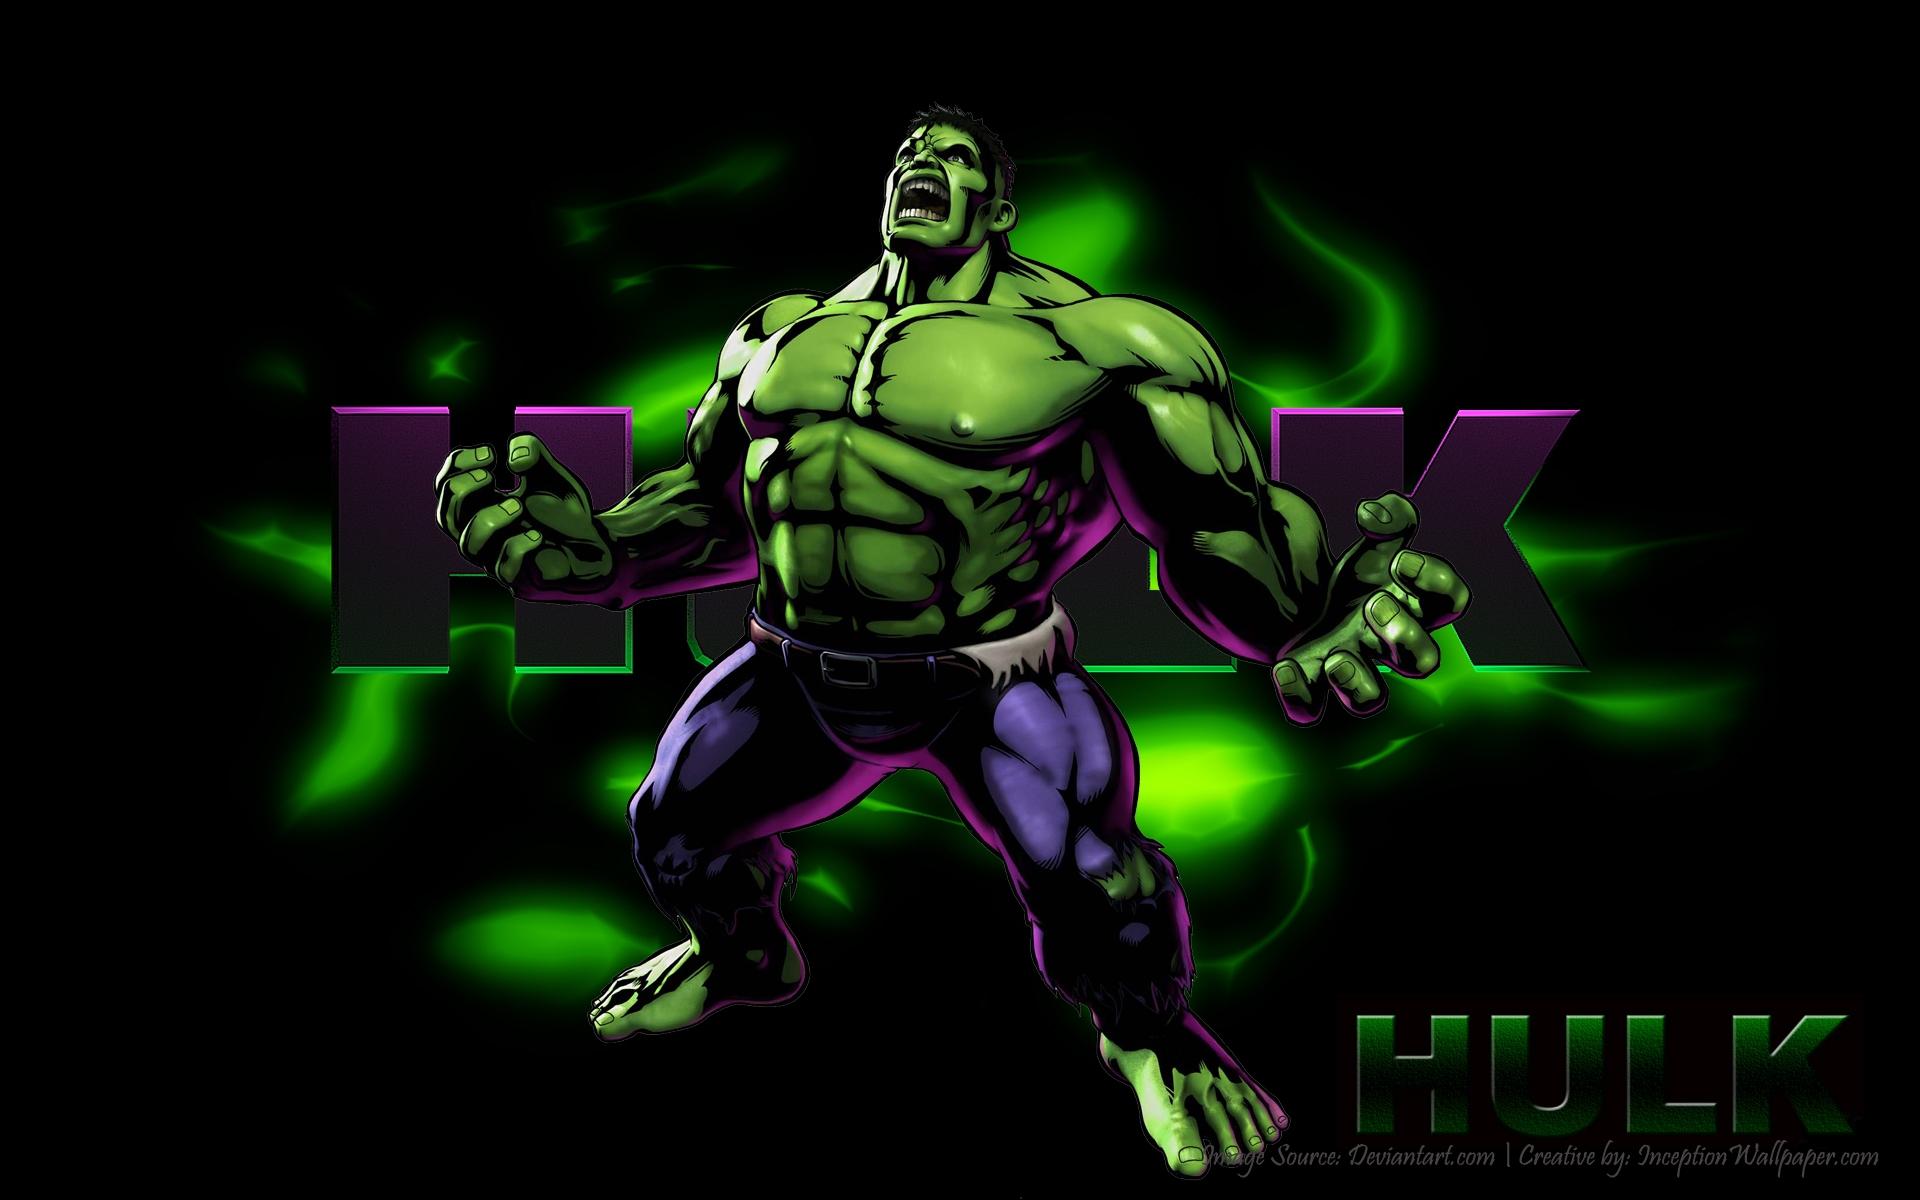 Hulk Wallpapers Free Download